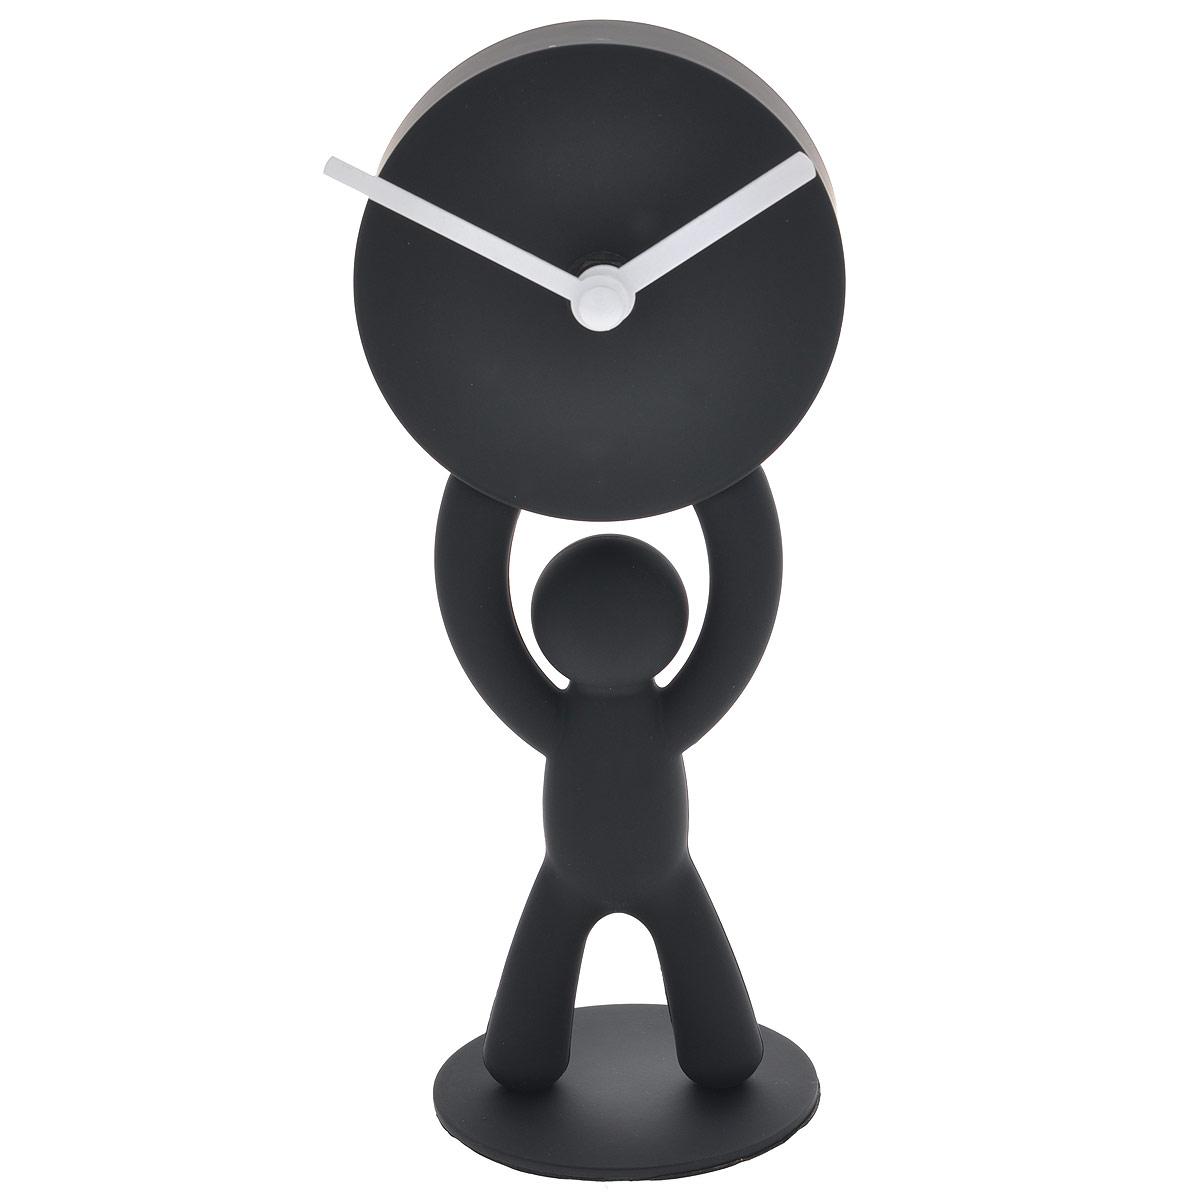 Часы настольные Buddy, цвет: черный118510-040Настольные часы, выполненные из пластика в виде человечка, держащего в руках циферблат, прекрасно украсят интерьер вашего помещения. Циферблат часов имеет две стрелки: часовую и минутную. Оформите свой дом таким интерьерным аксессуаром или преподнесите его в качестве презента друзьям, и они оценят ваш оригинальный вкус и неординарность подарка.